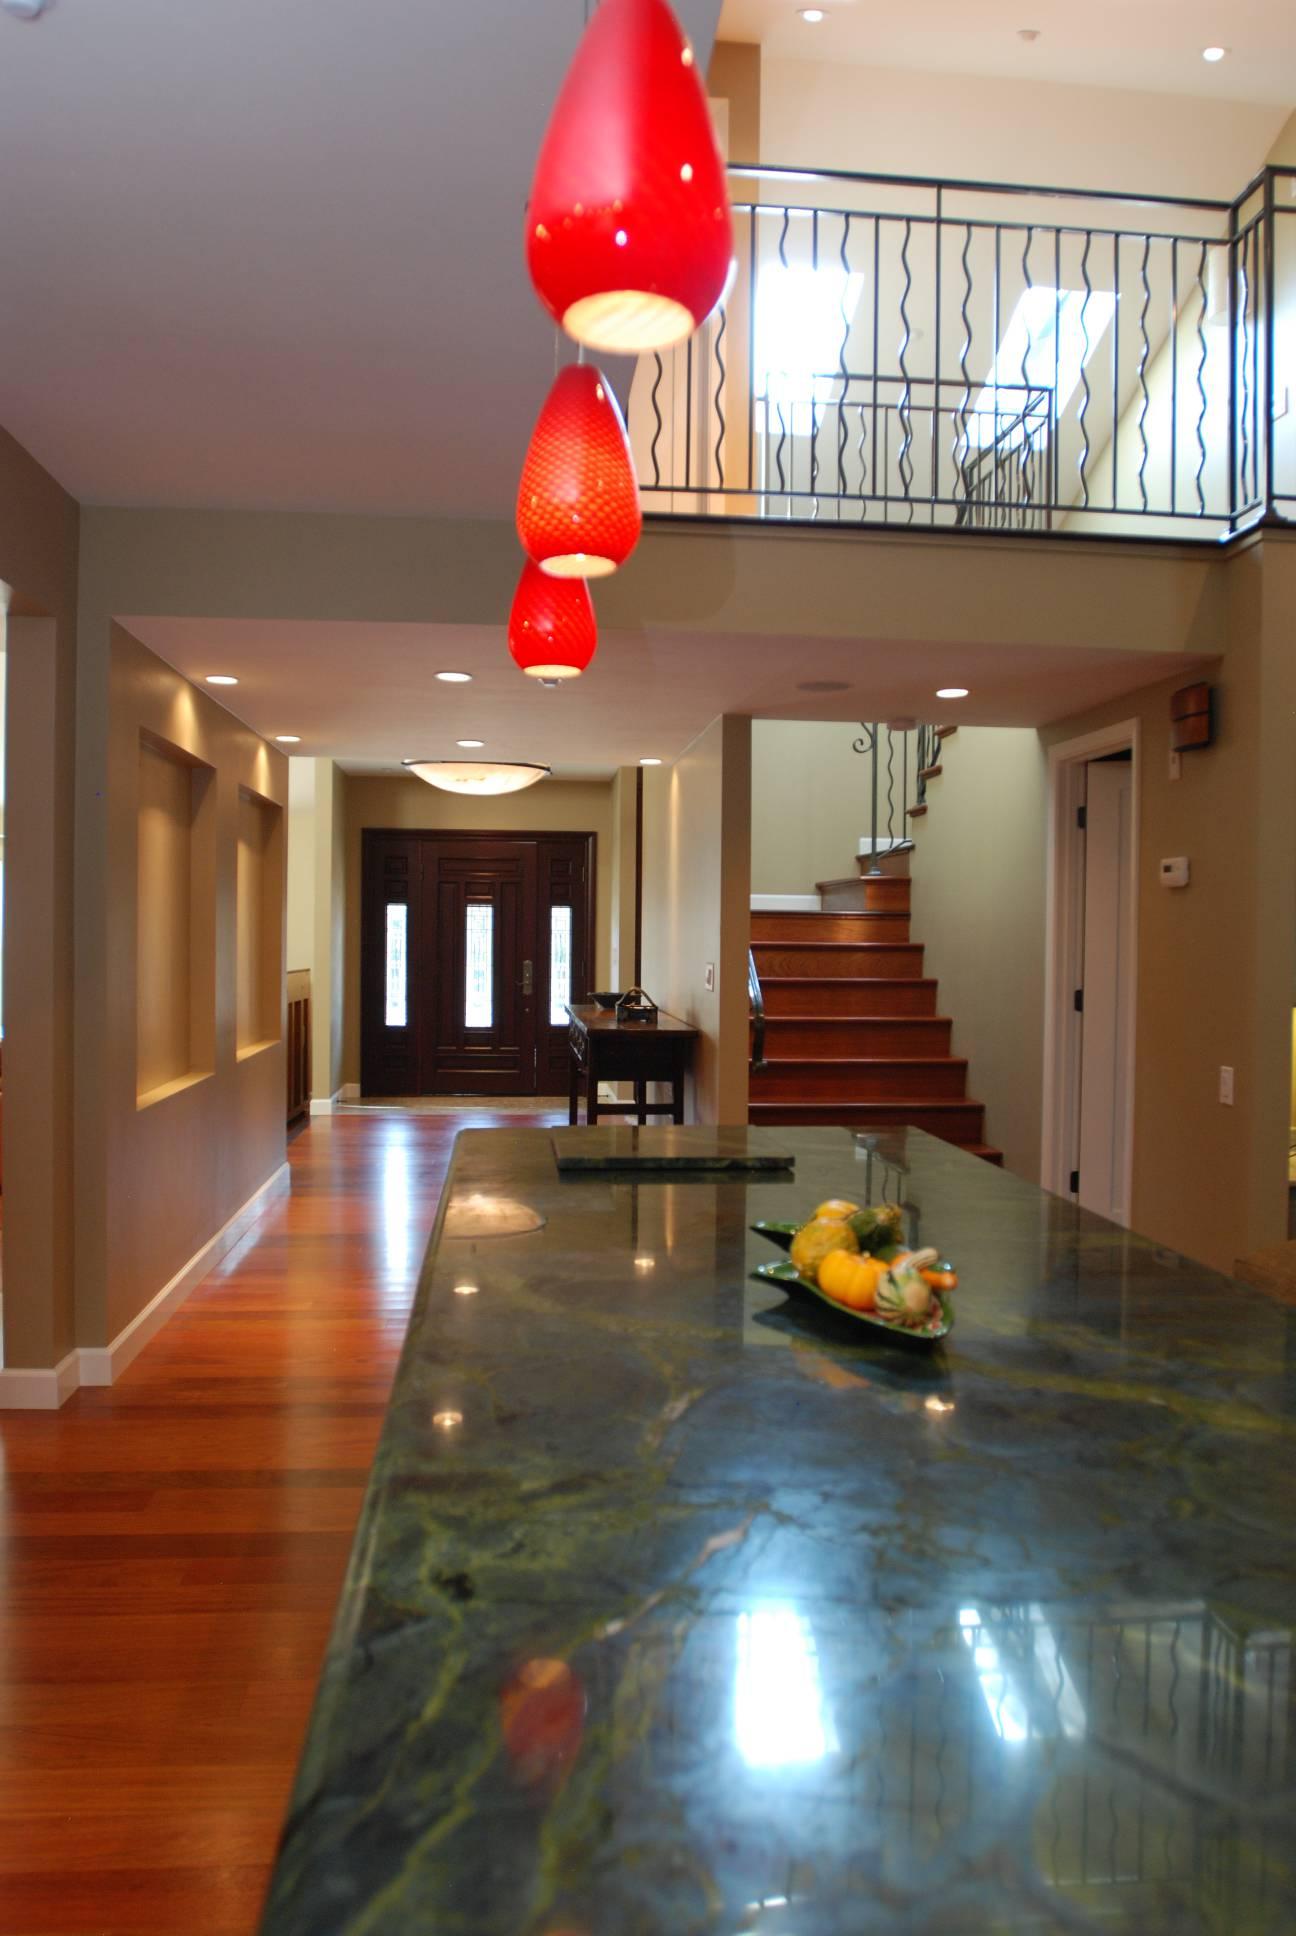 Foyer Hallway, Architect design, interior design work, Mountain View